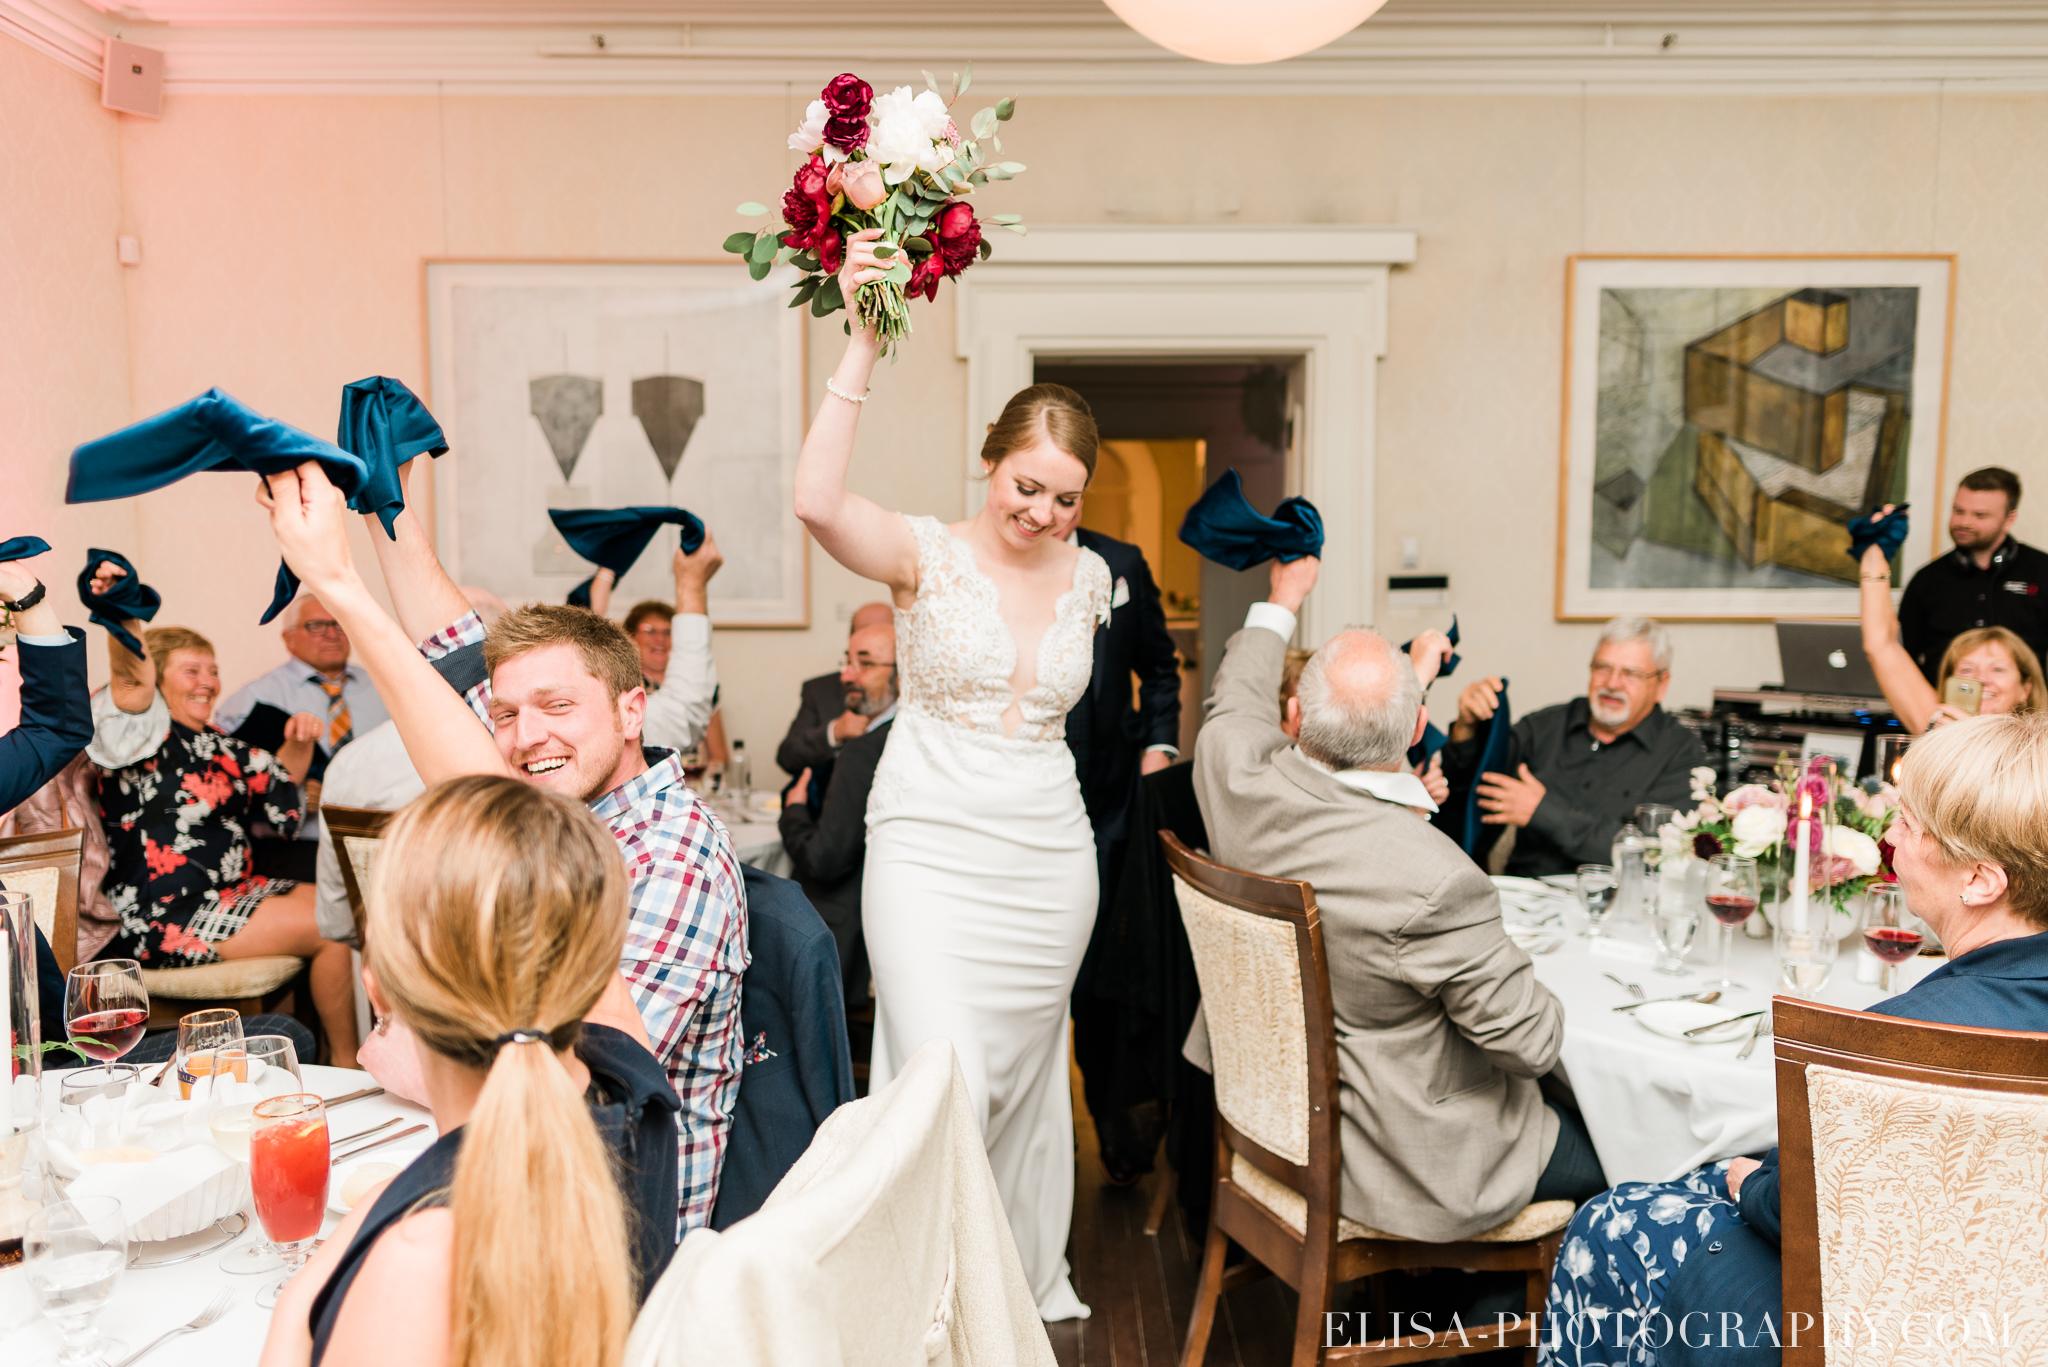 photo mariage reception entree des maries domaine cataraqui centres de table elisa photographe 1129 - Mariage élégant et discret au coeur du magnifique Domaine Cataraqui, Québec